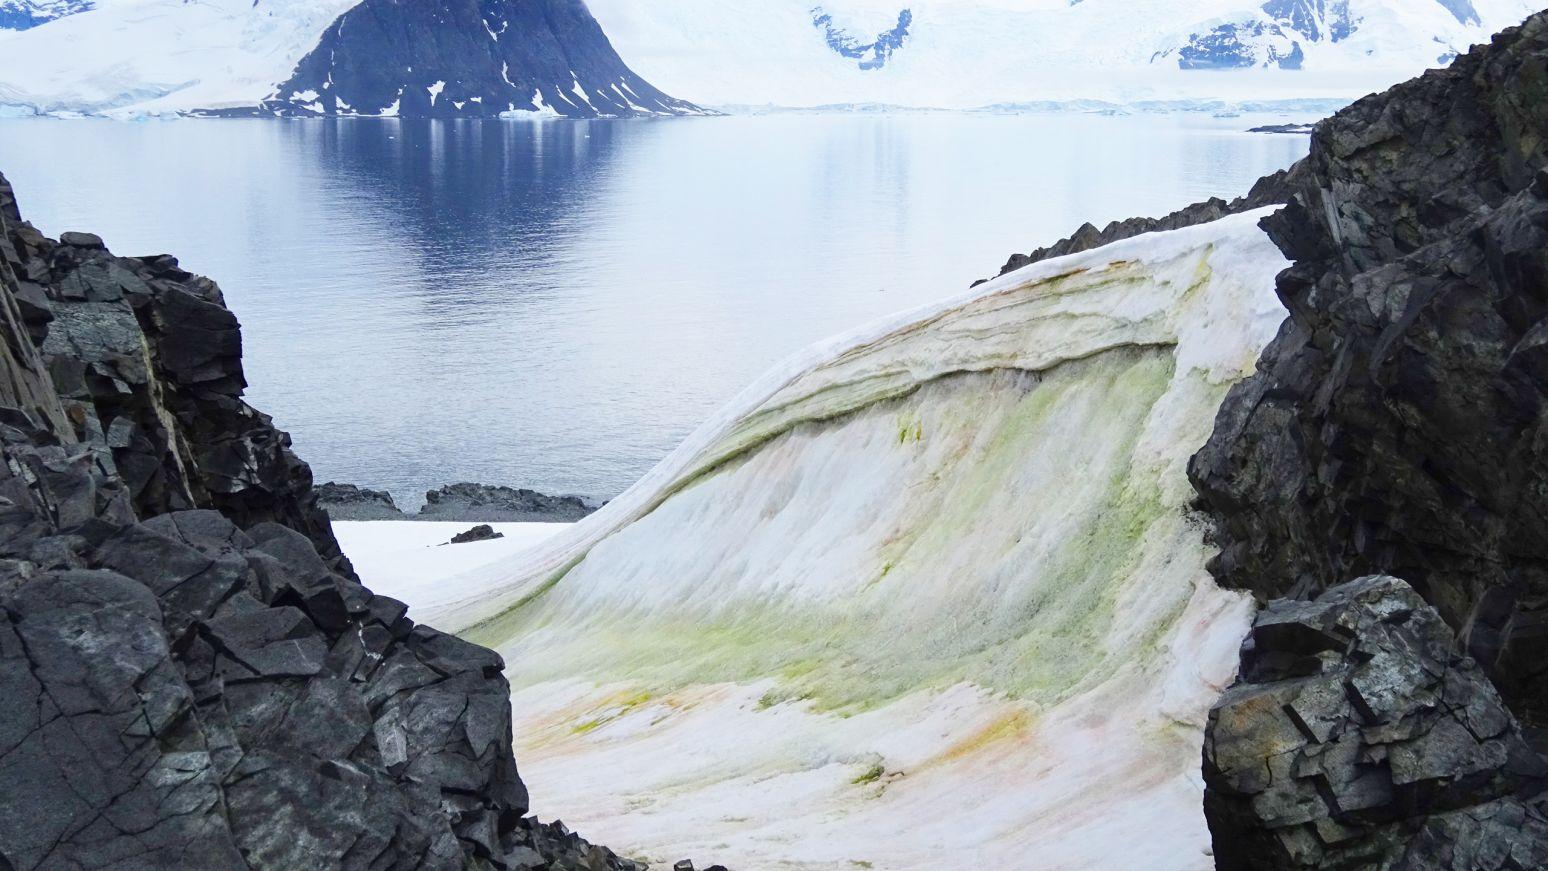 Pequeñas algas que se vuelven verdes sobre la nieve proliferan en las costas antárticas. Foto: Matt Davey.